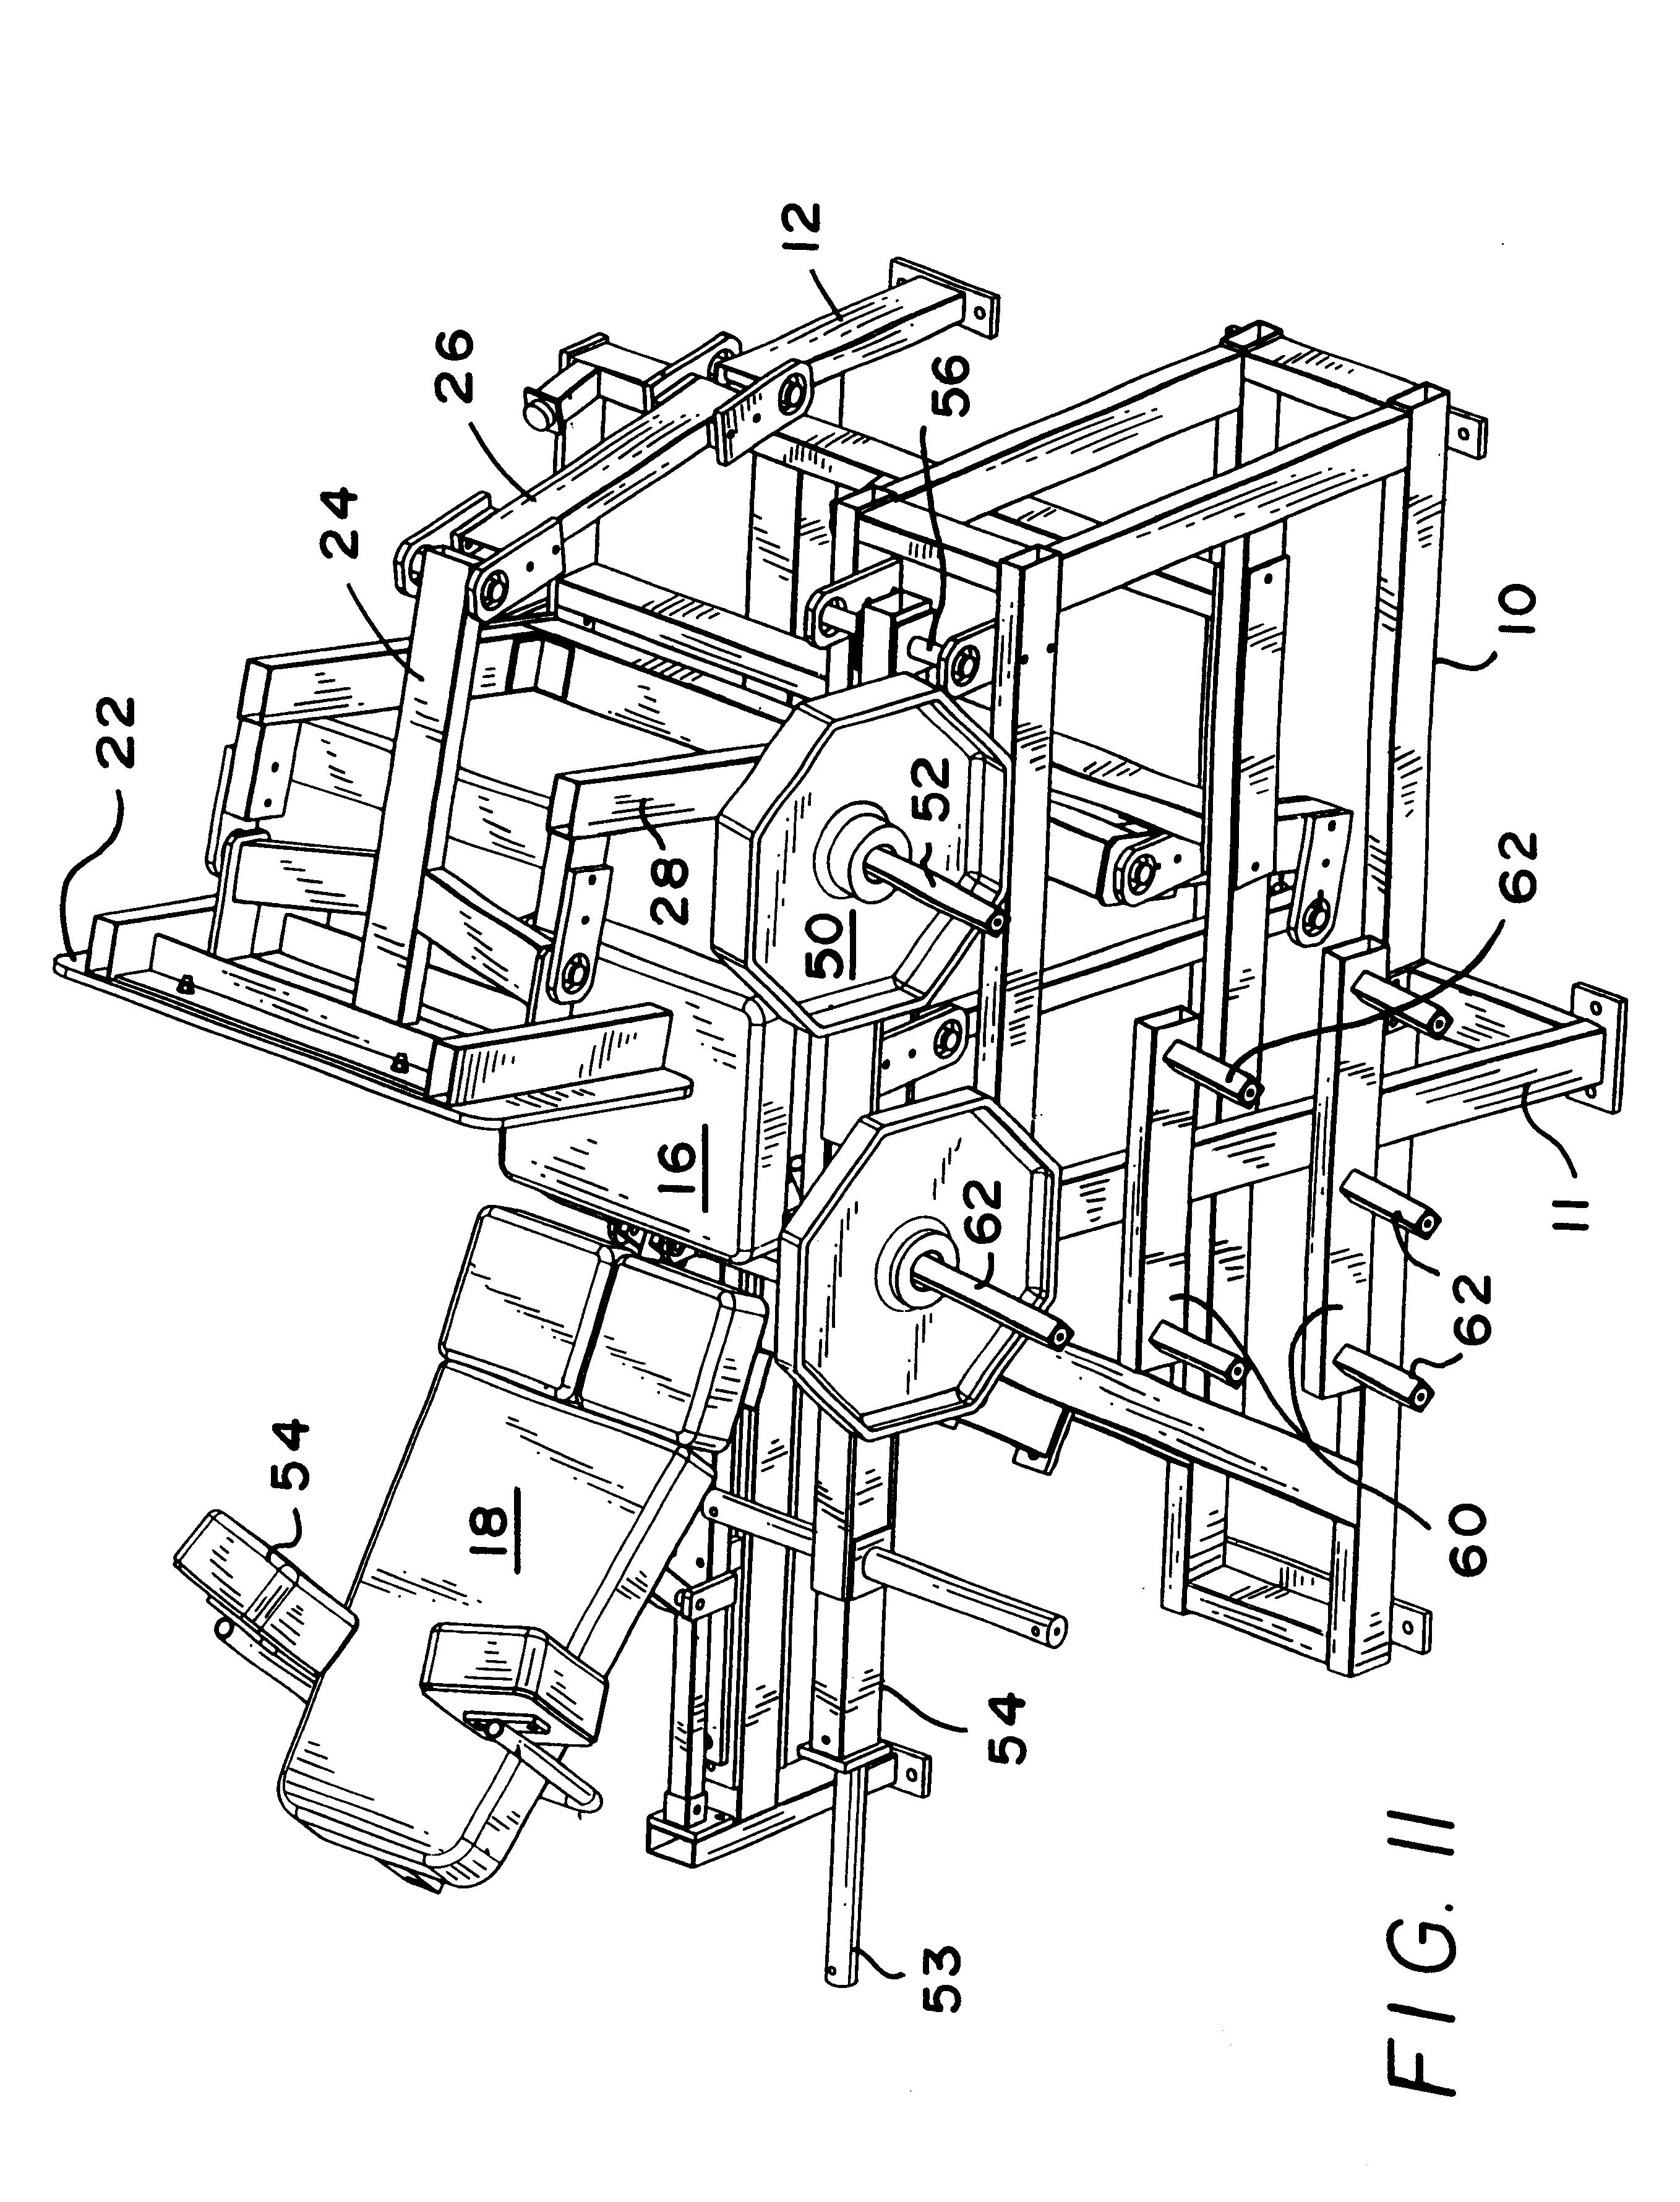 Patent US6220993 - Leg press machine - Google Patents